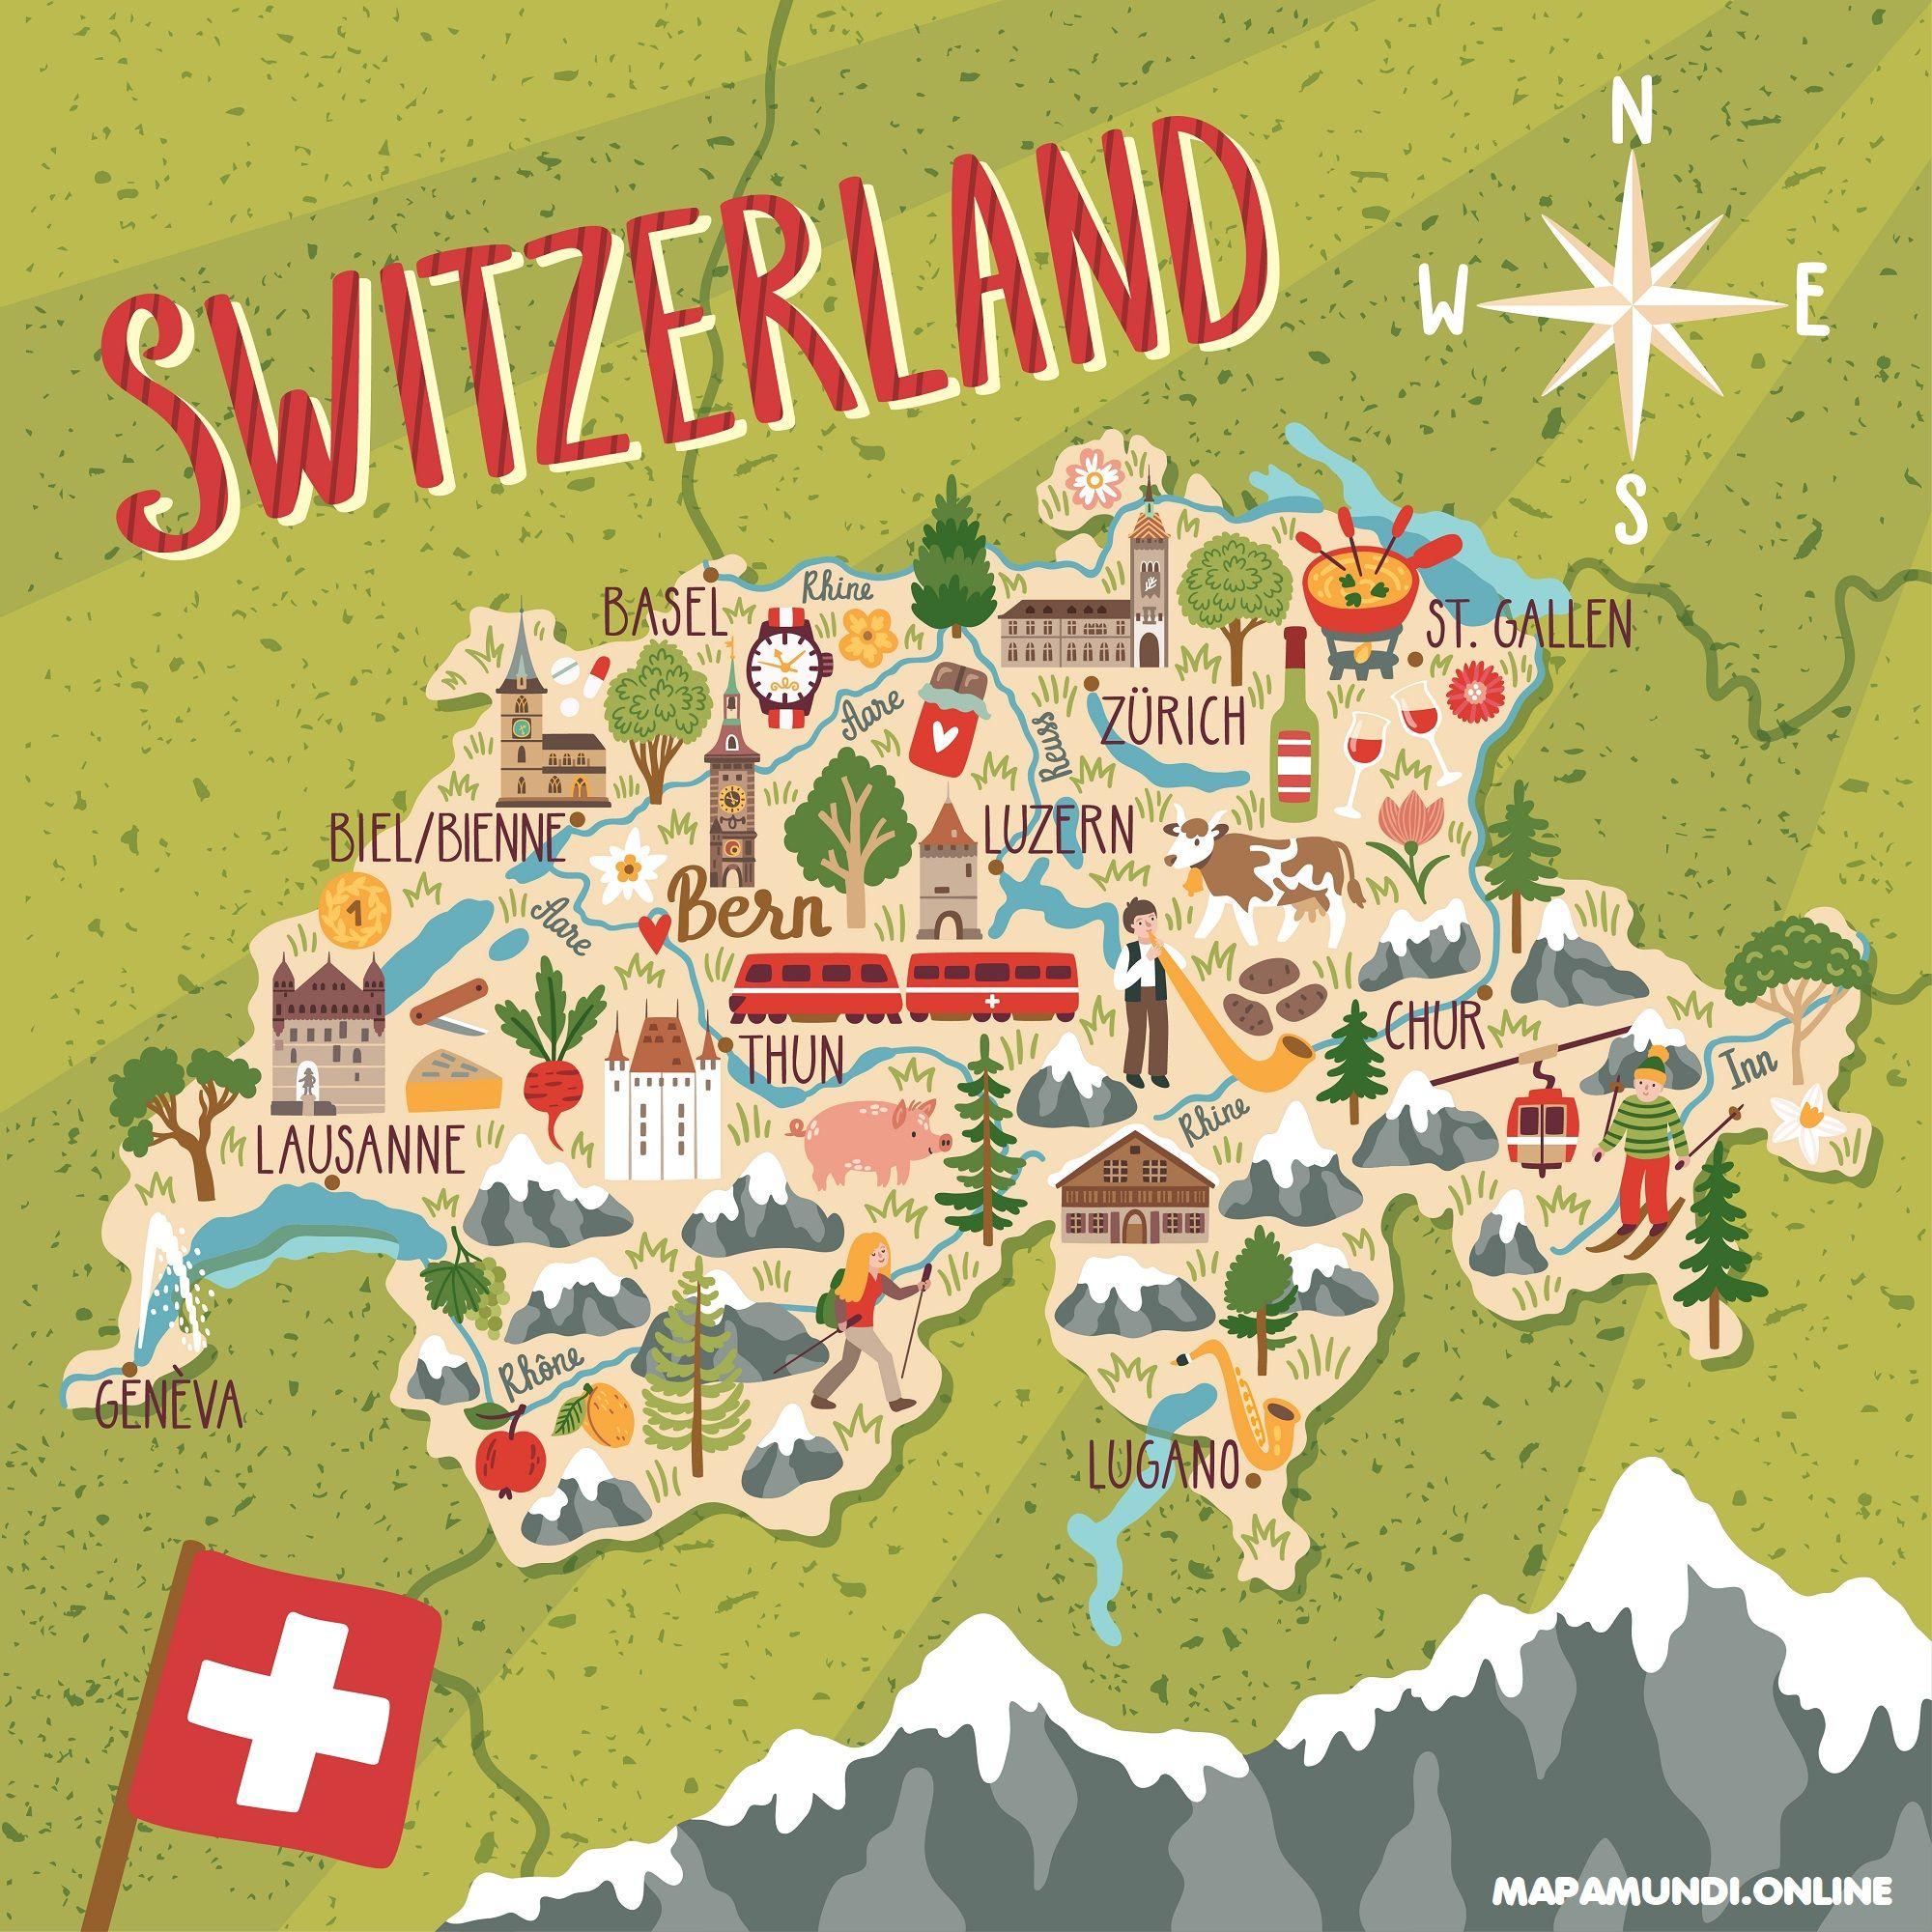 Mapa Politico De Suiza.Mapa De Suiza Politico Fisico Imprimir